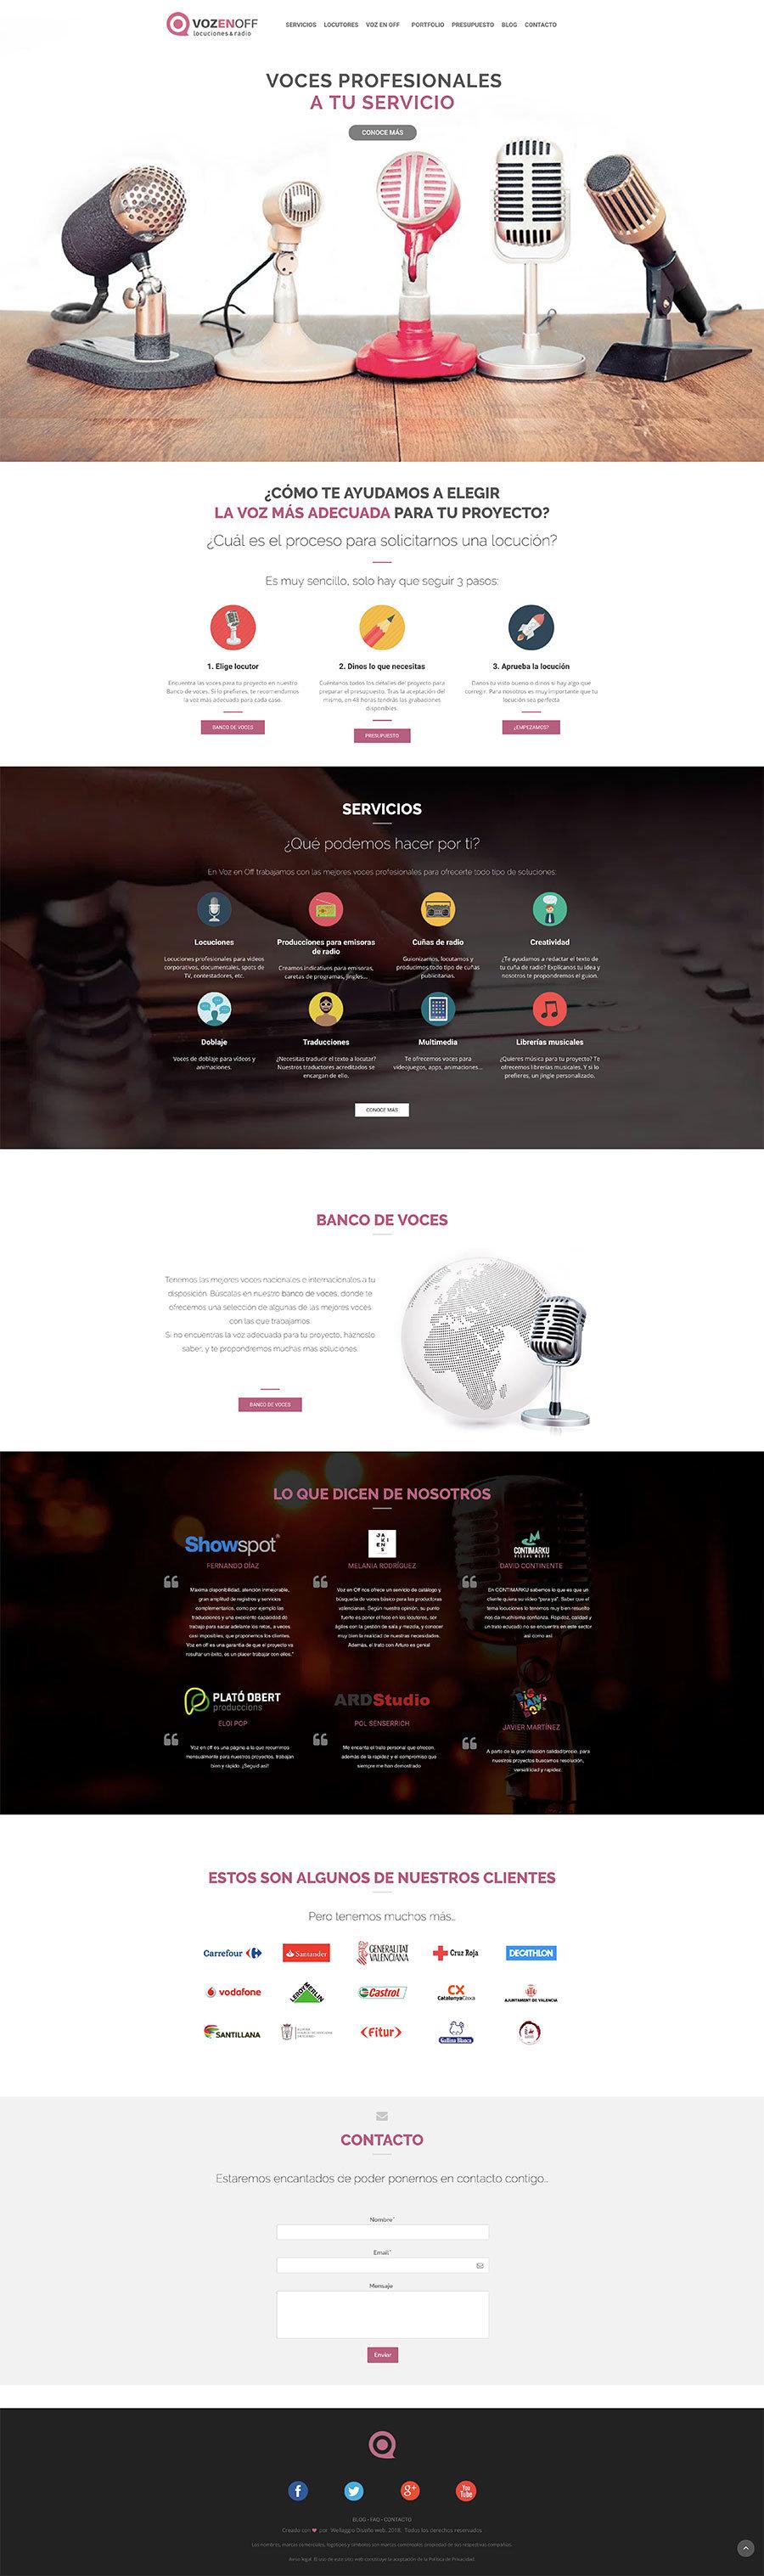 Wellaggio-diseño-web-valencia-vozenoff-es-2018-08-16-17_01_33